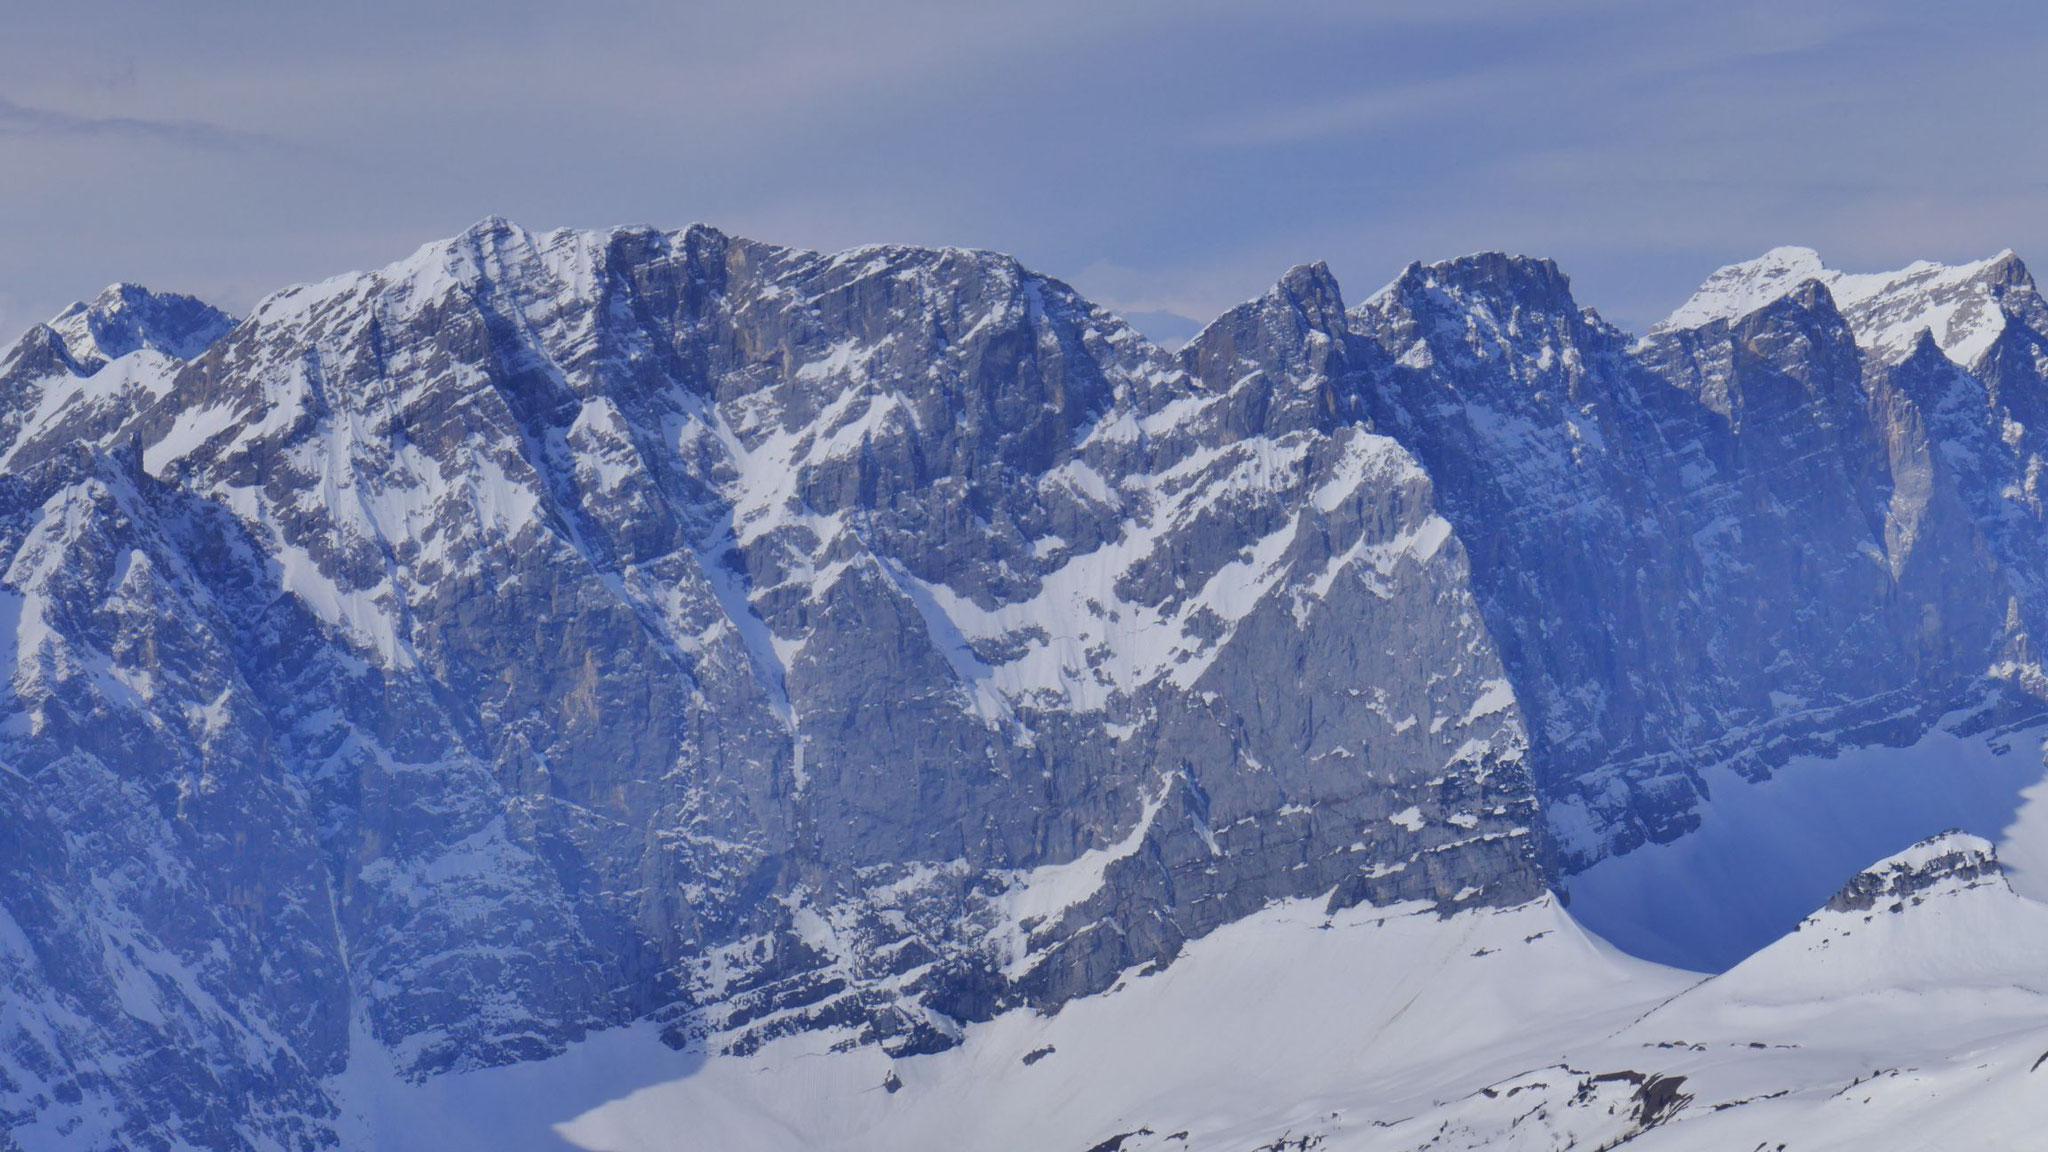 Grubenkarspitze und -pfeiler